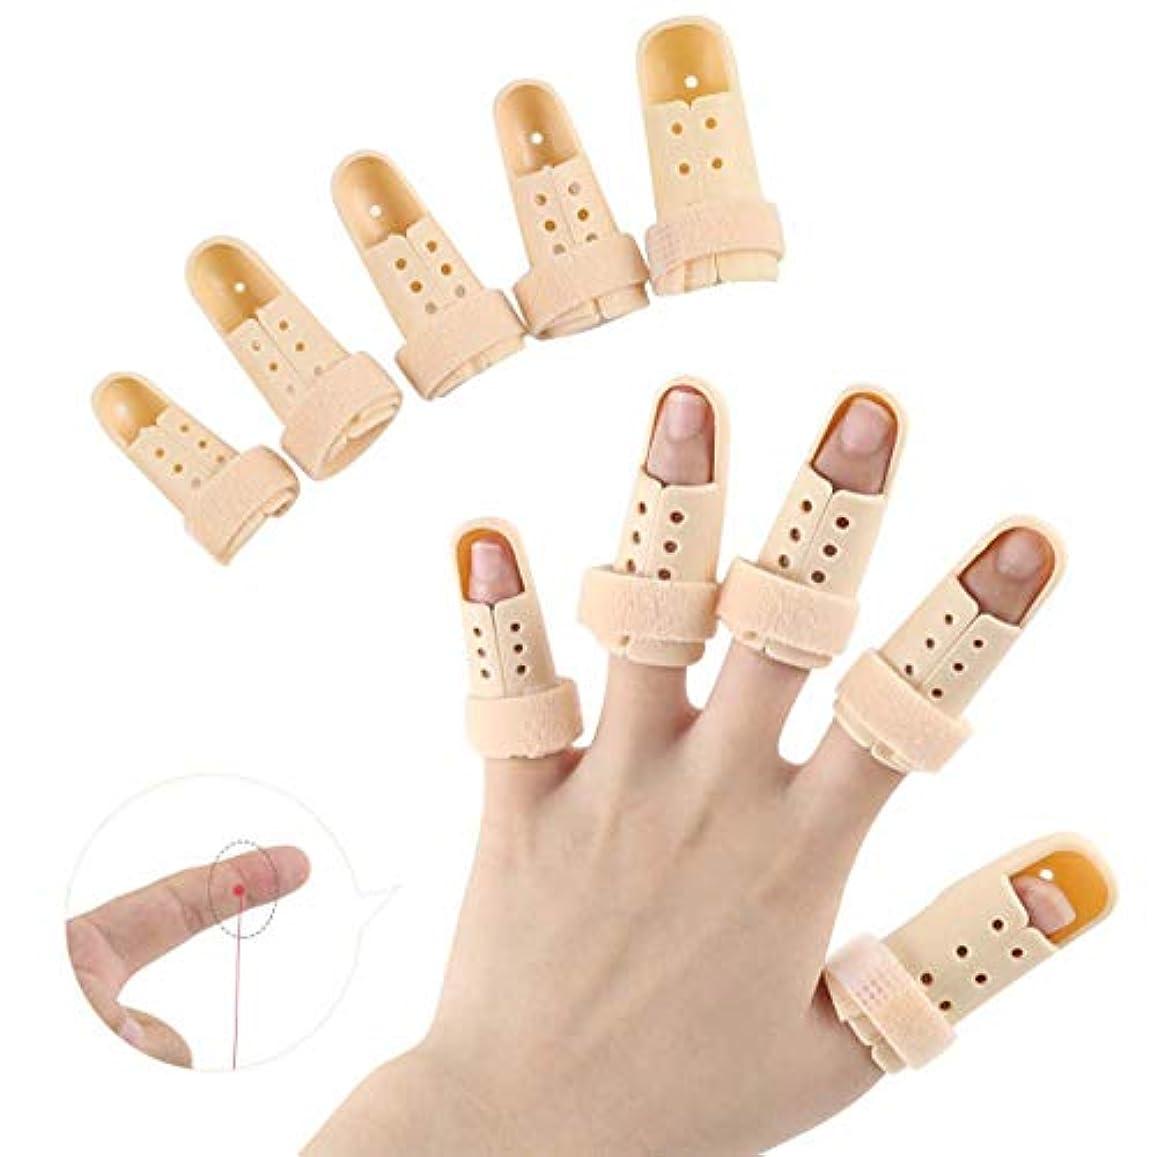 柔らかいシーズン契約指の添え木支柱、木槌指の添え木、バスケットボールのためのプラスチック製の指プロテクターサポート、指の関節の痛みのための10個のフィンガーイモビライザー